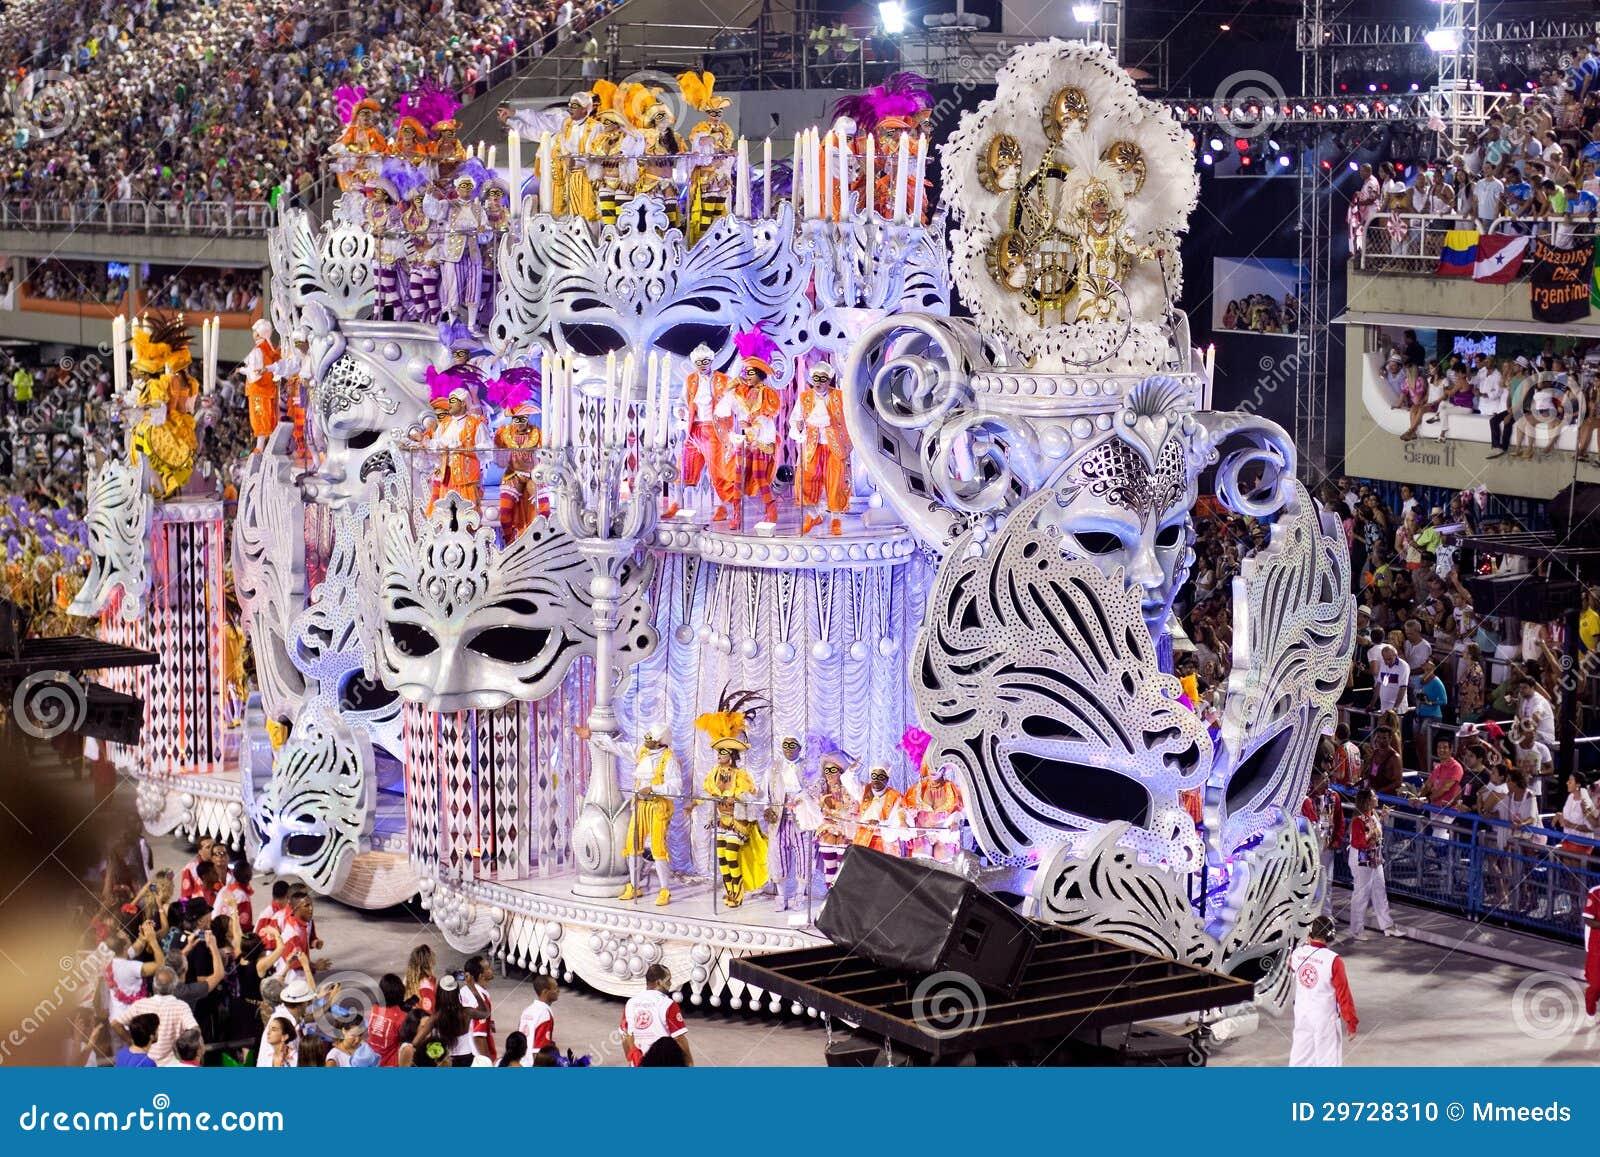 RIO DE JANEIRO, LUTY 11 -: Pokazuje z dekoracjami na karnawale